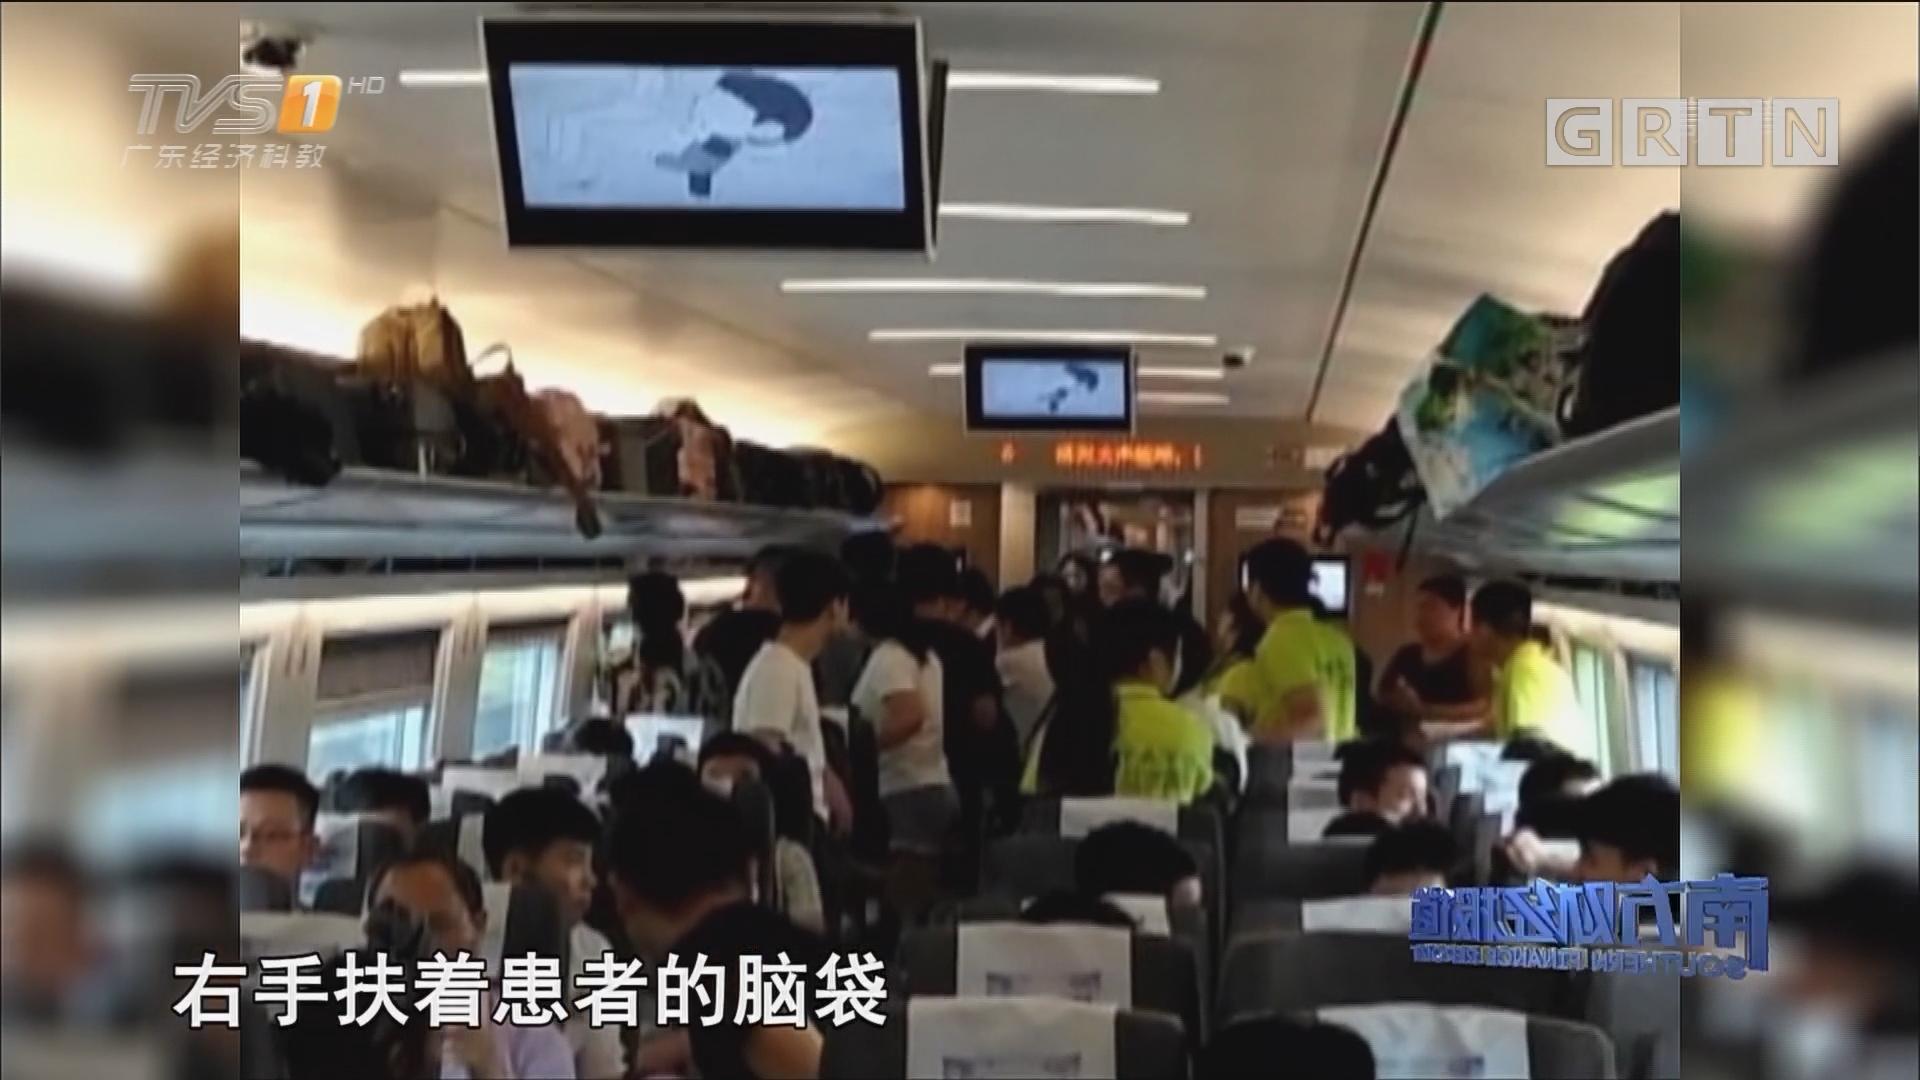 佛山:高铁乘客突发癫痫 顺德医生救人获赞